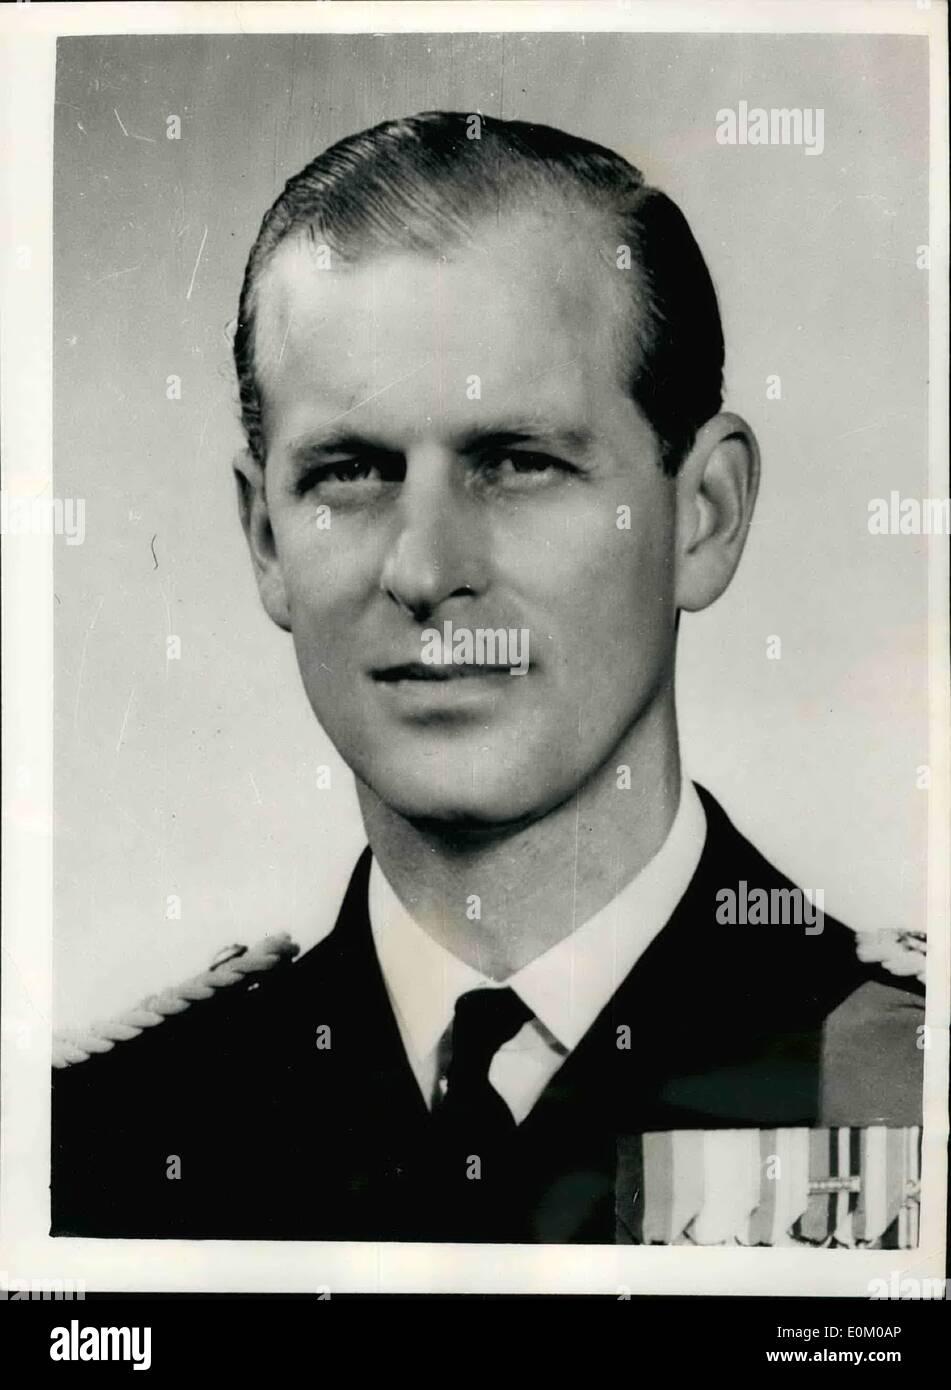 Jan. 01, 1953 - The Duke Of Edinburgh Begins To Lose His ...